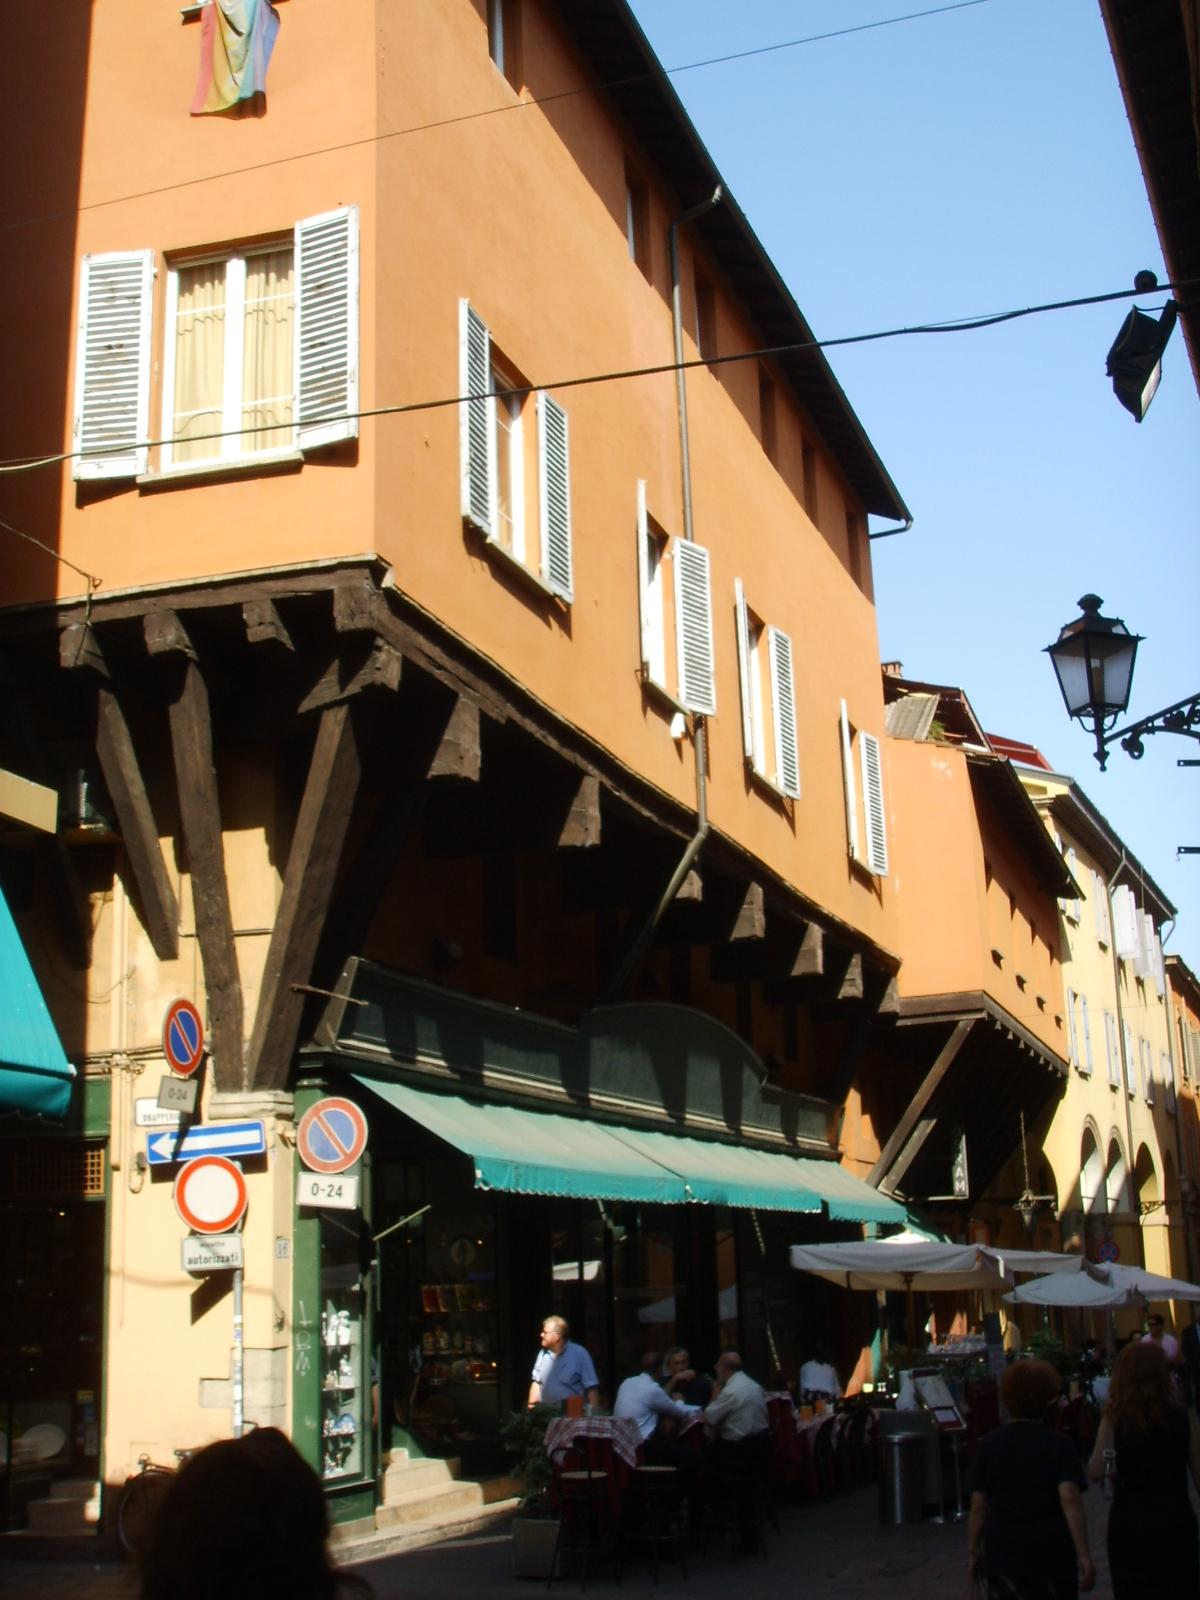 Portici di bologna wikipedia - Casa del cuscinetto bologna ...